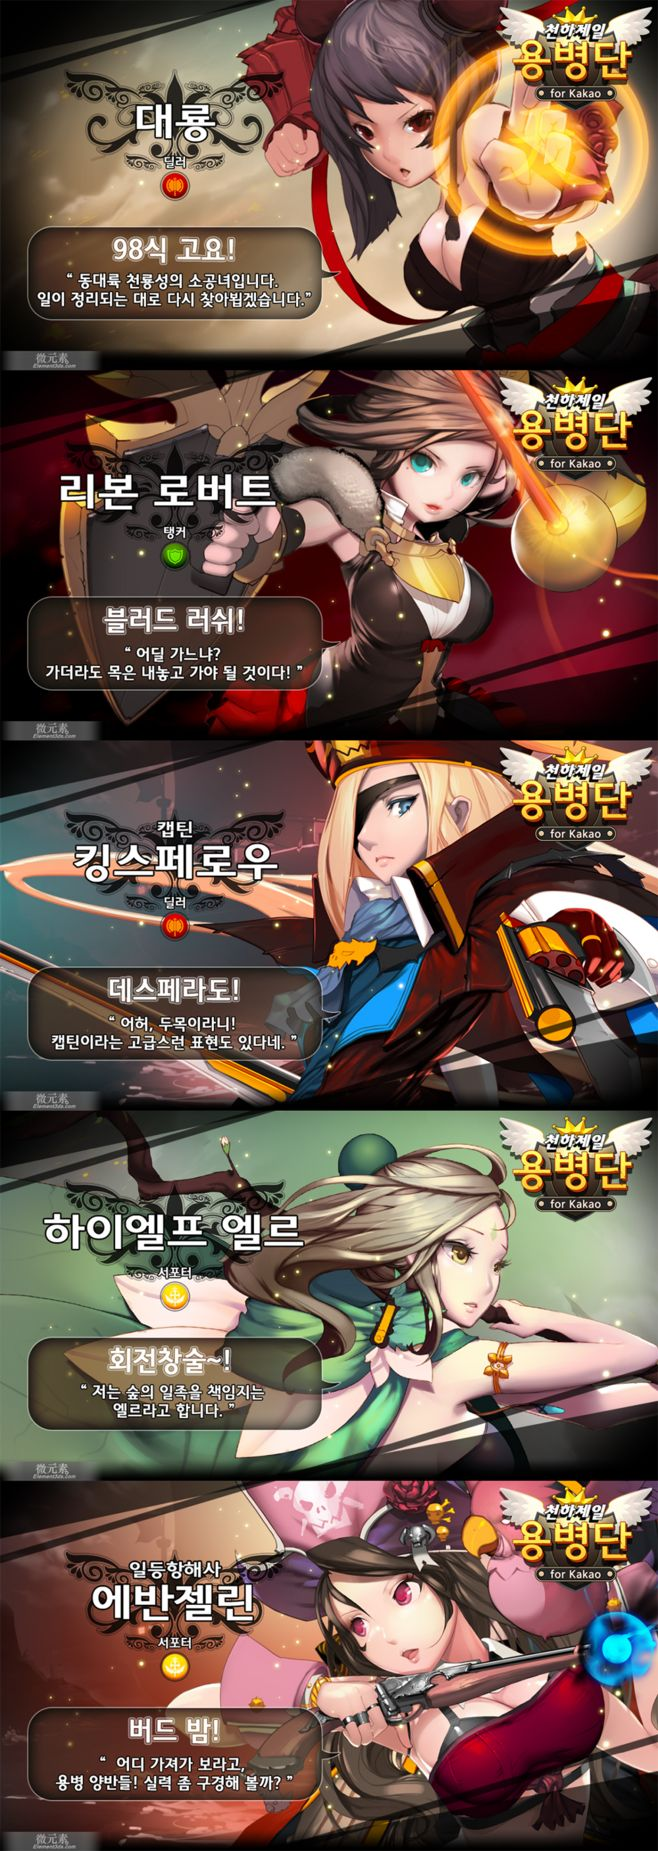 """Hàn Quốc trò chơi di động """"nhóm đầu tiên đánh thuê"""" - nguồn tài nguyên du lịch tay - vi ..."""